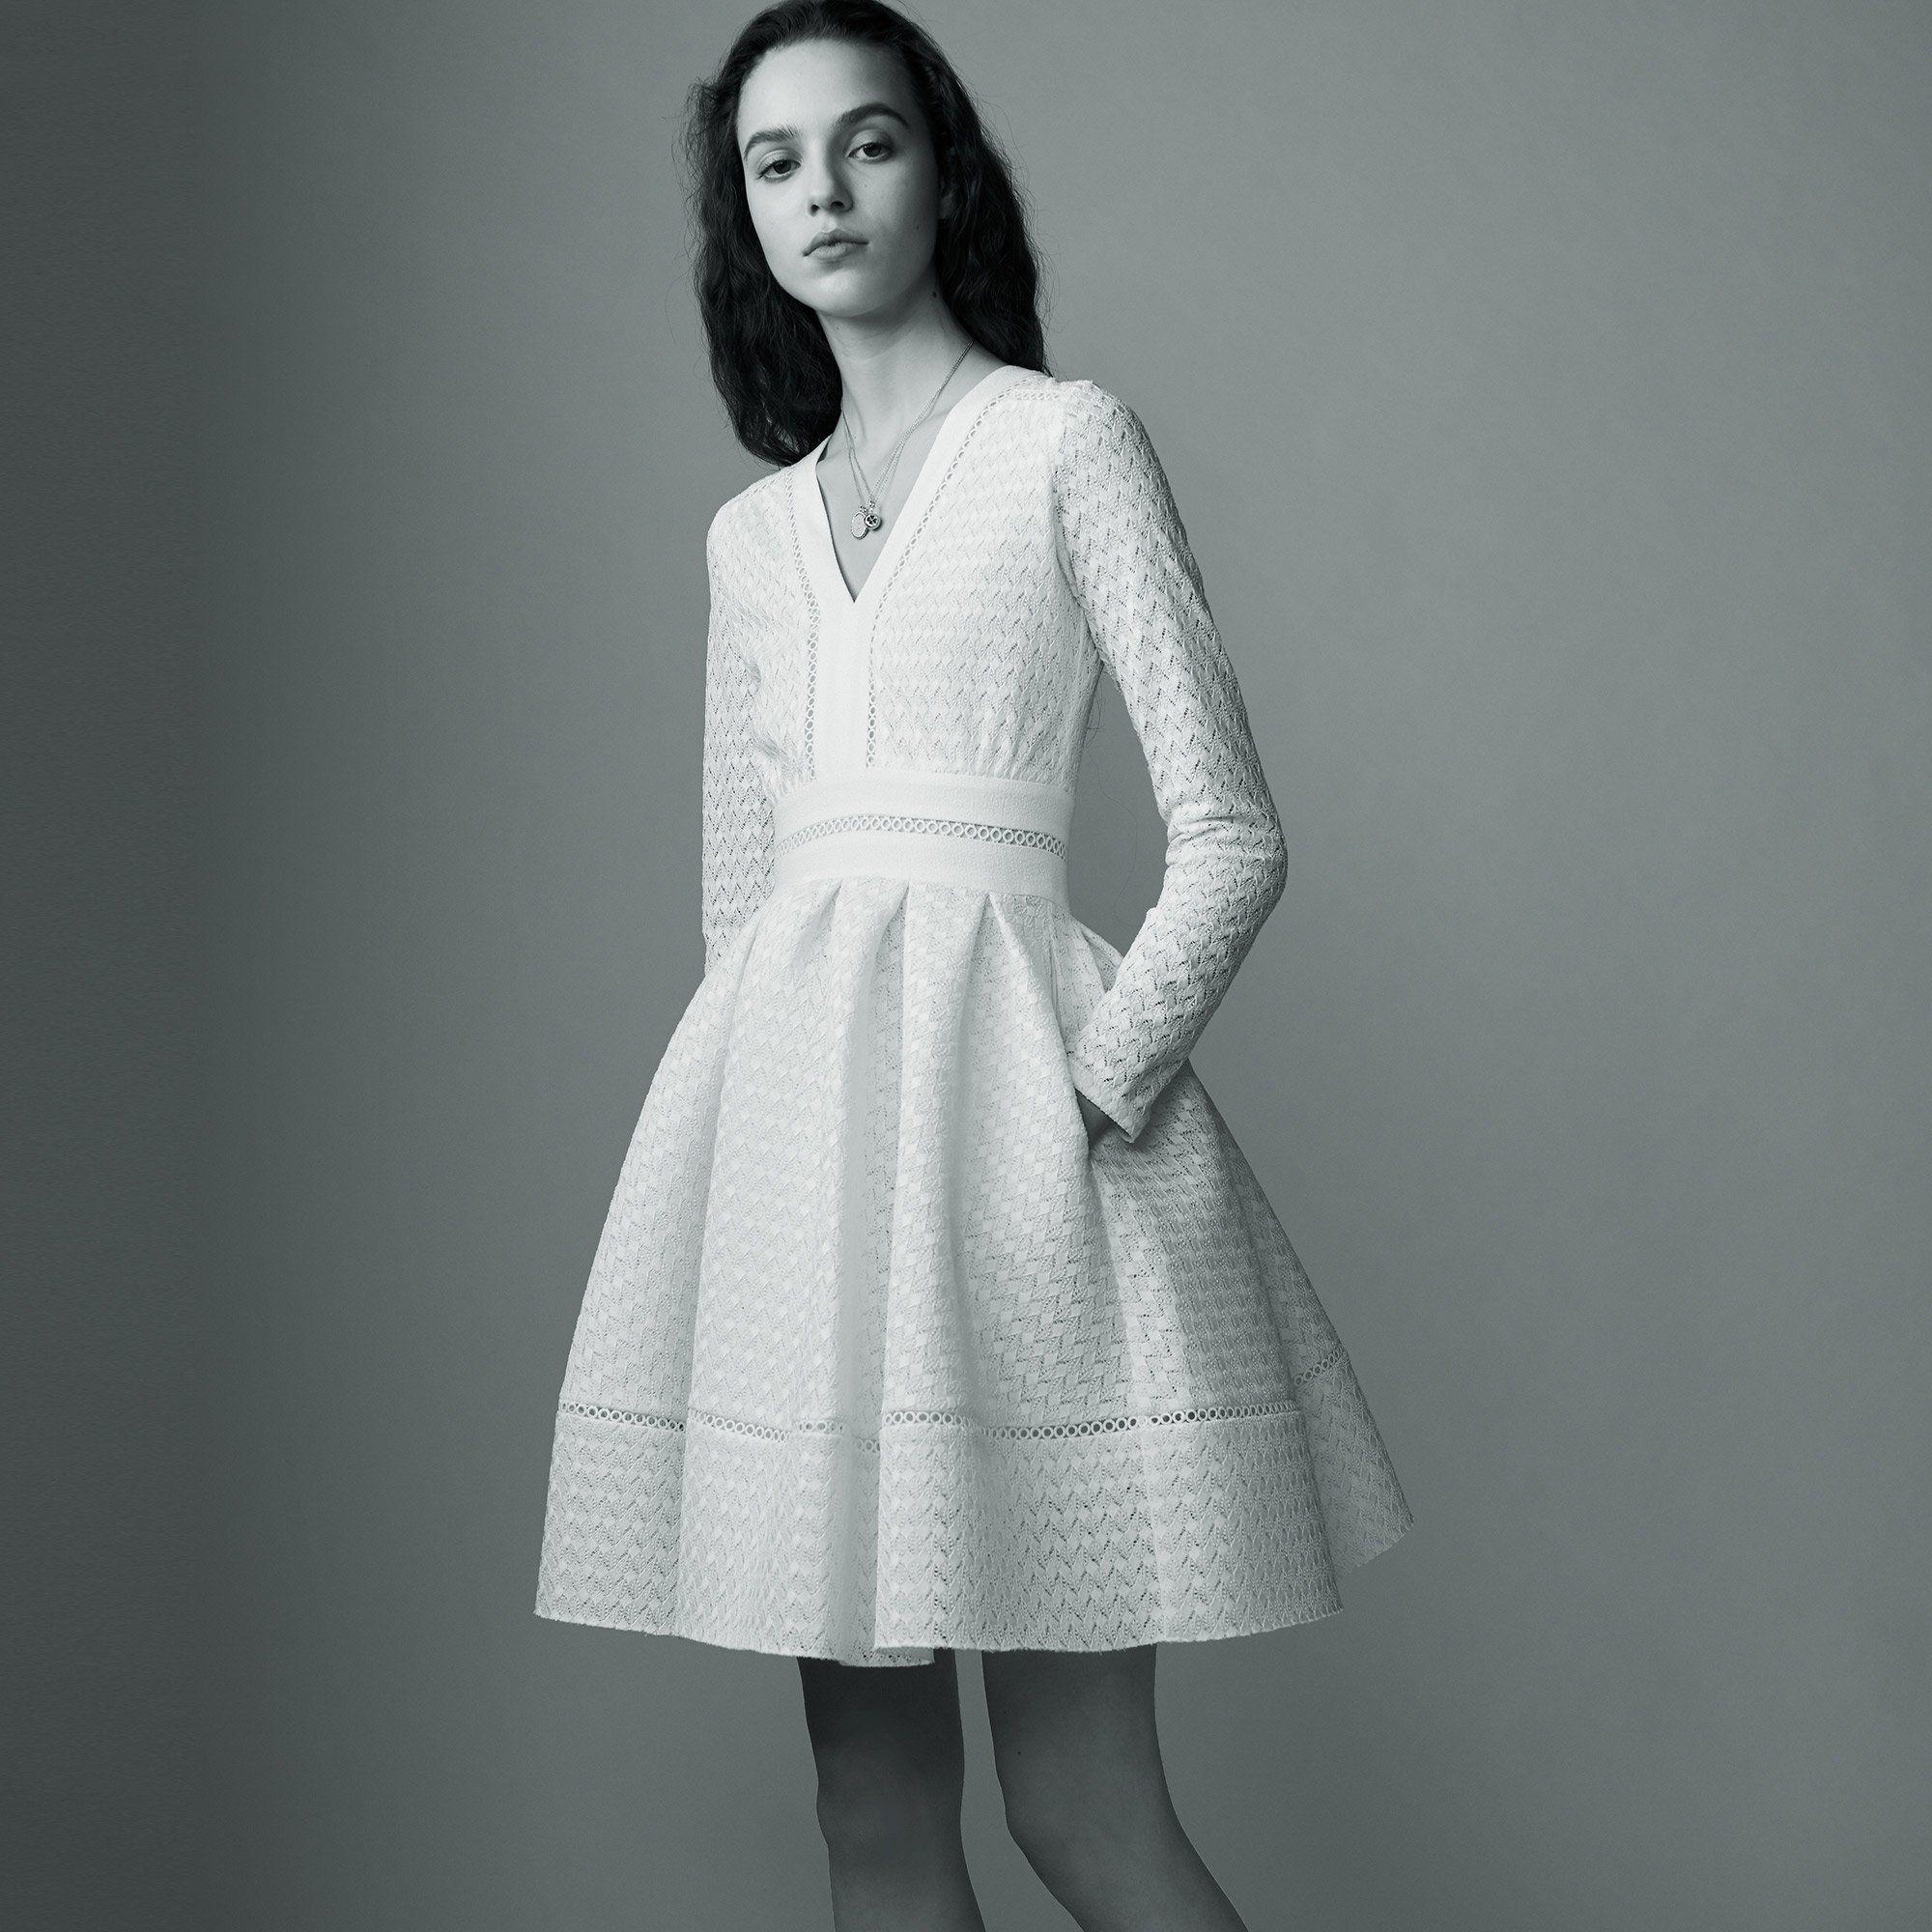 20 robes sublimes pour votre mariage civil | Robe de mariée